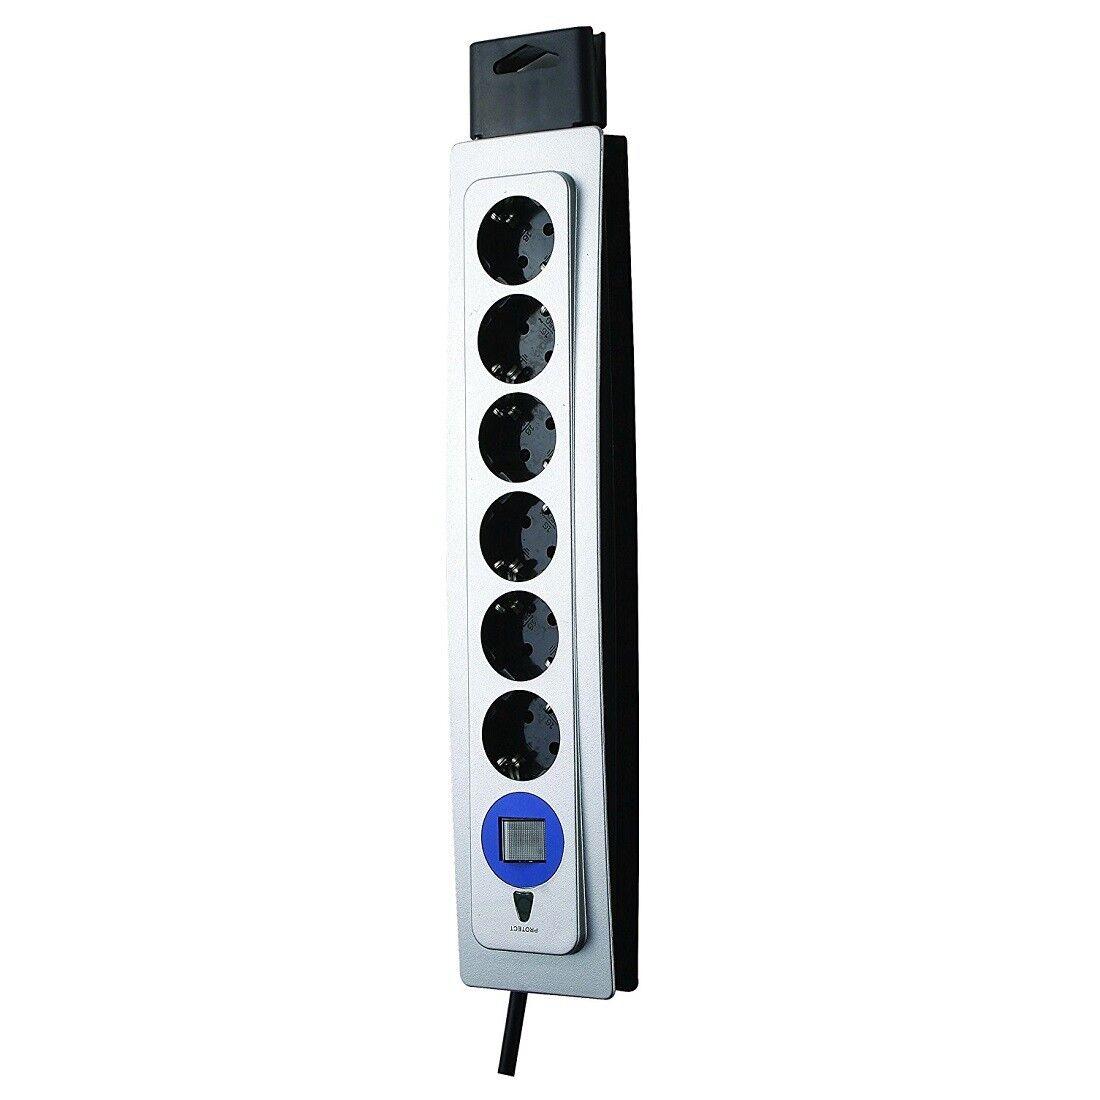 2er Set GAO Verlängerungskabel Schutzbox Stecker Kabel Safe Box Kapsel 2x102083